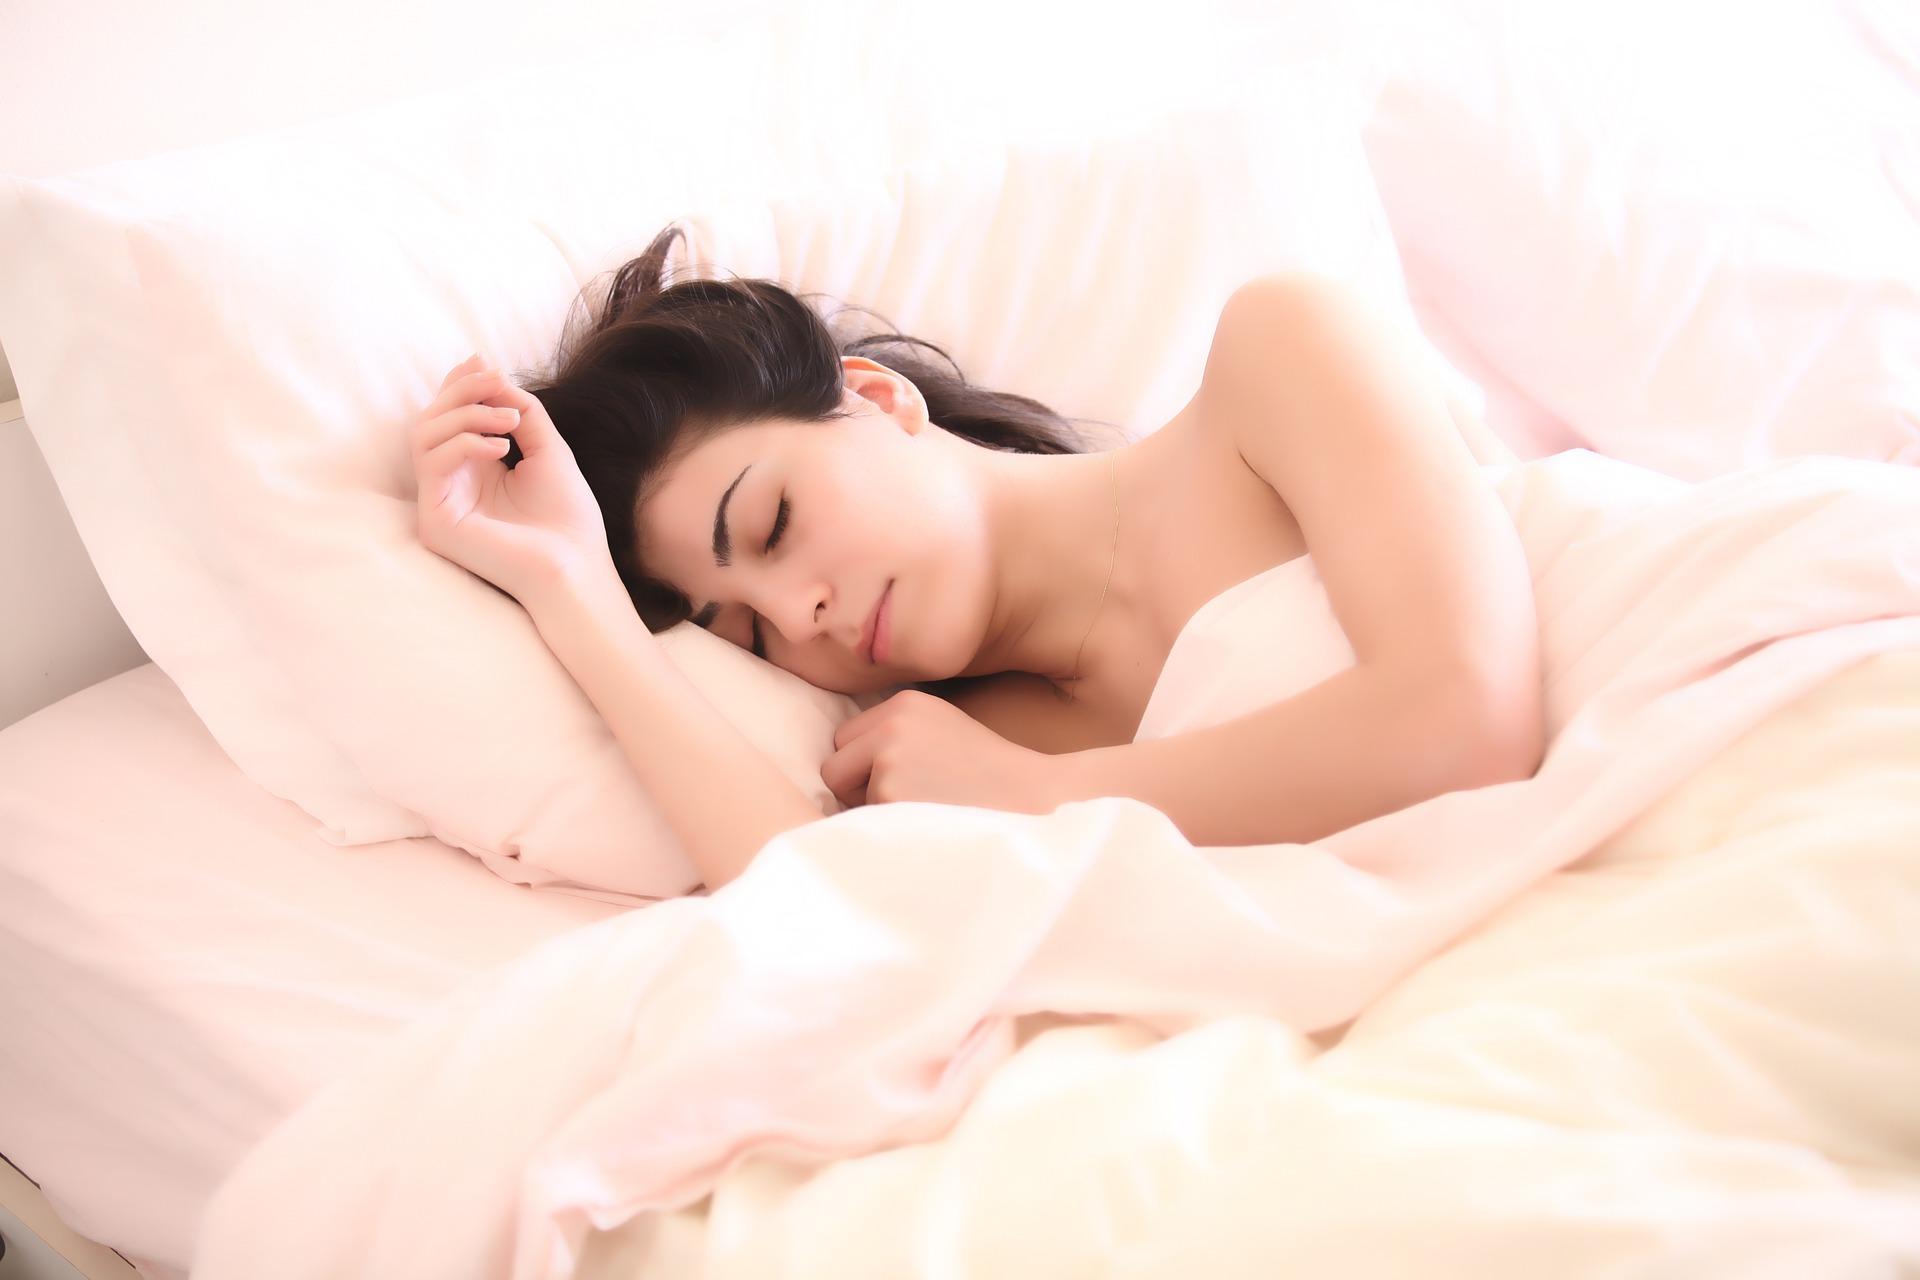 többet fogysz alvás közben)